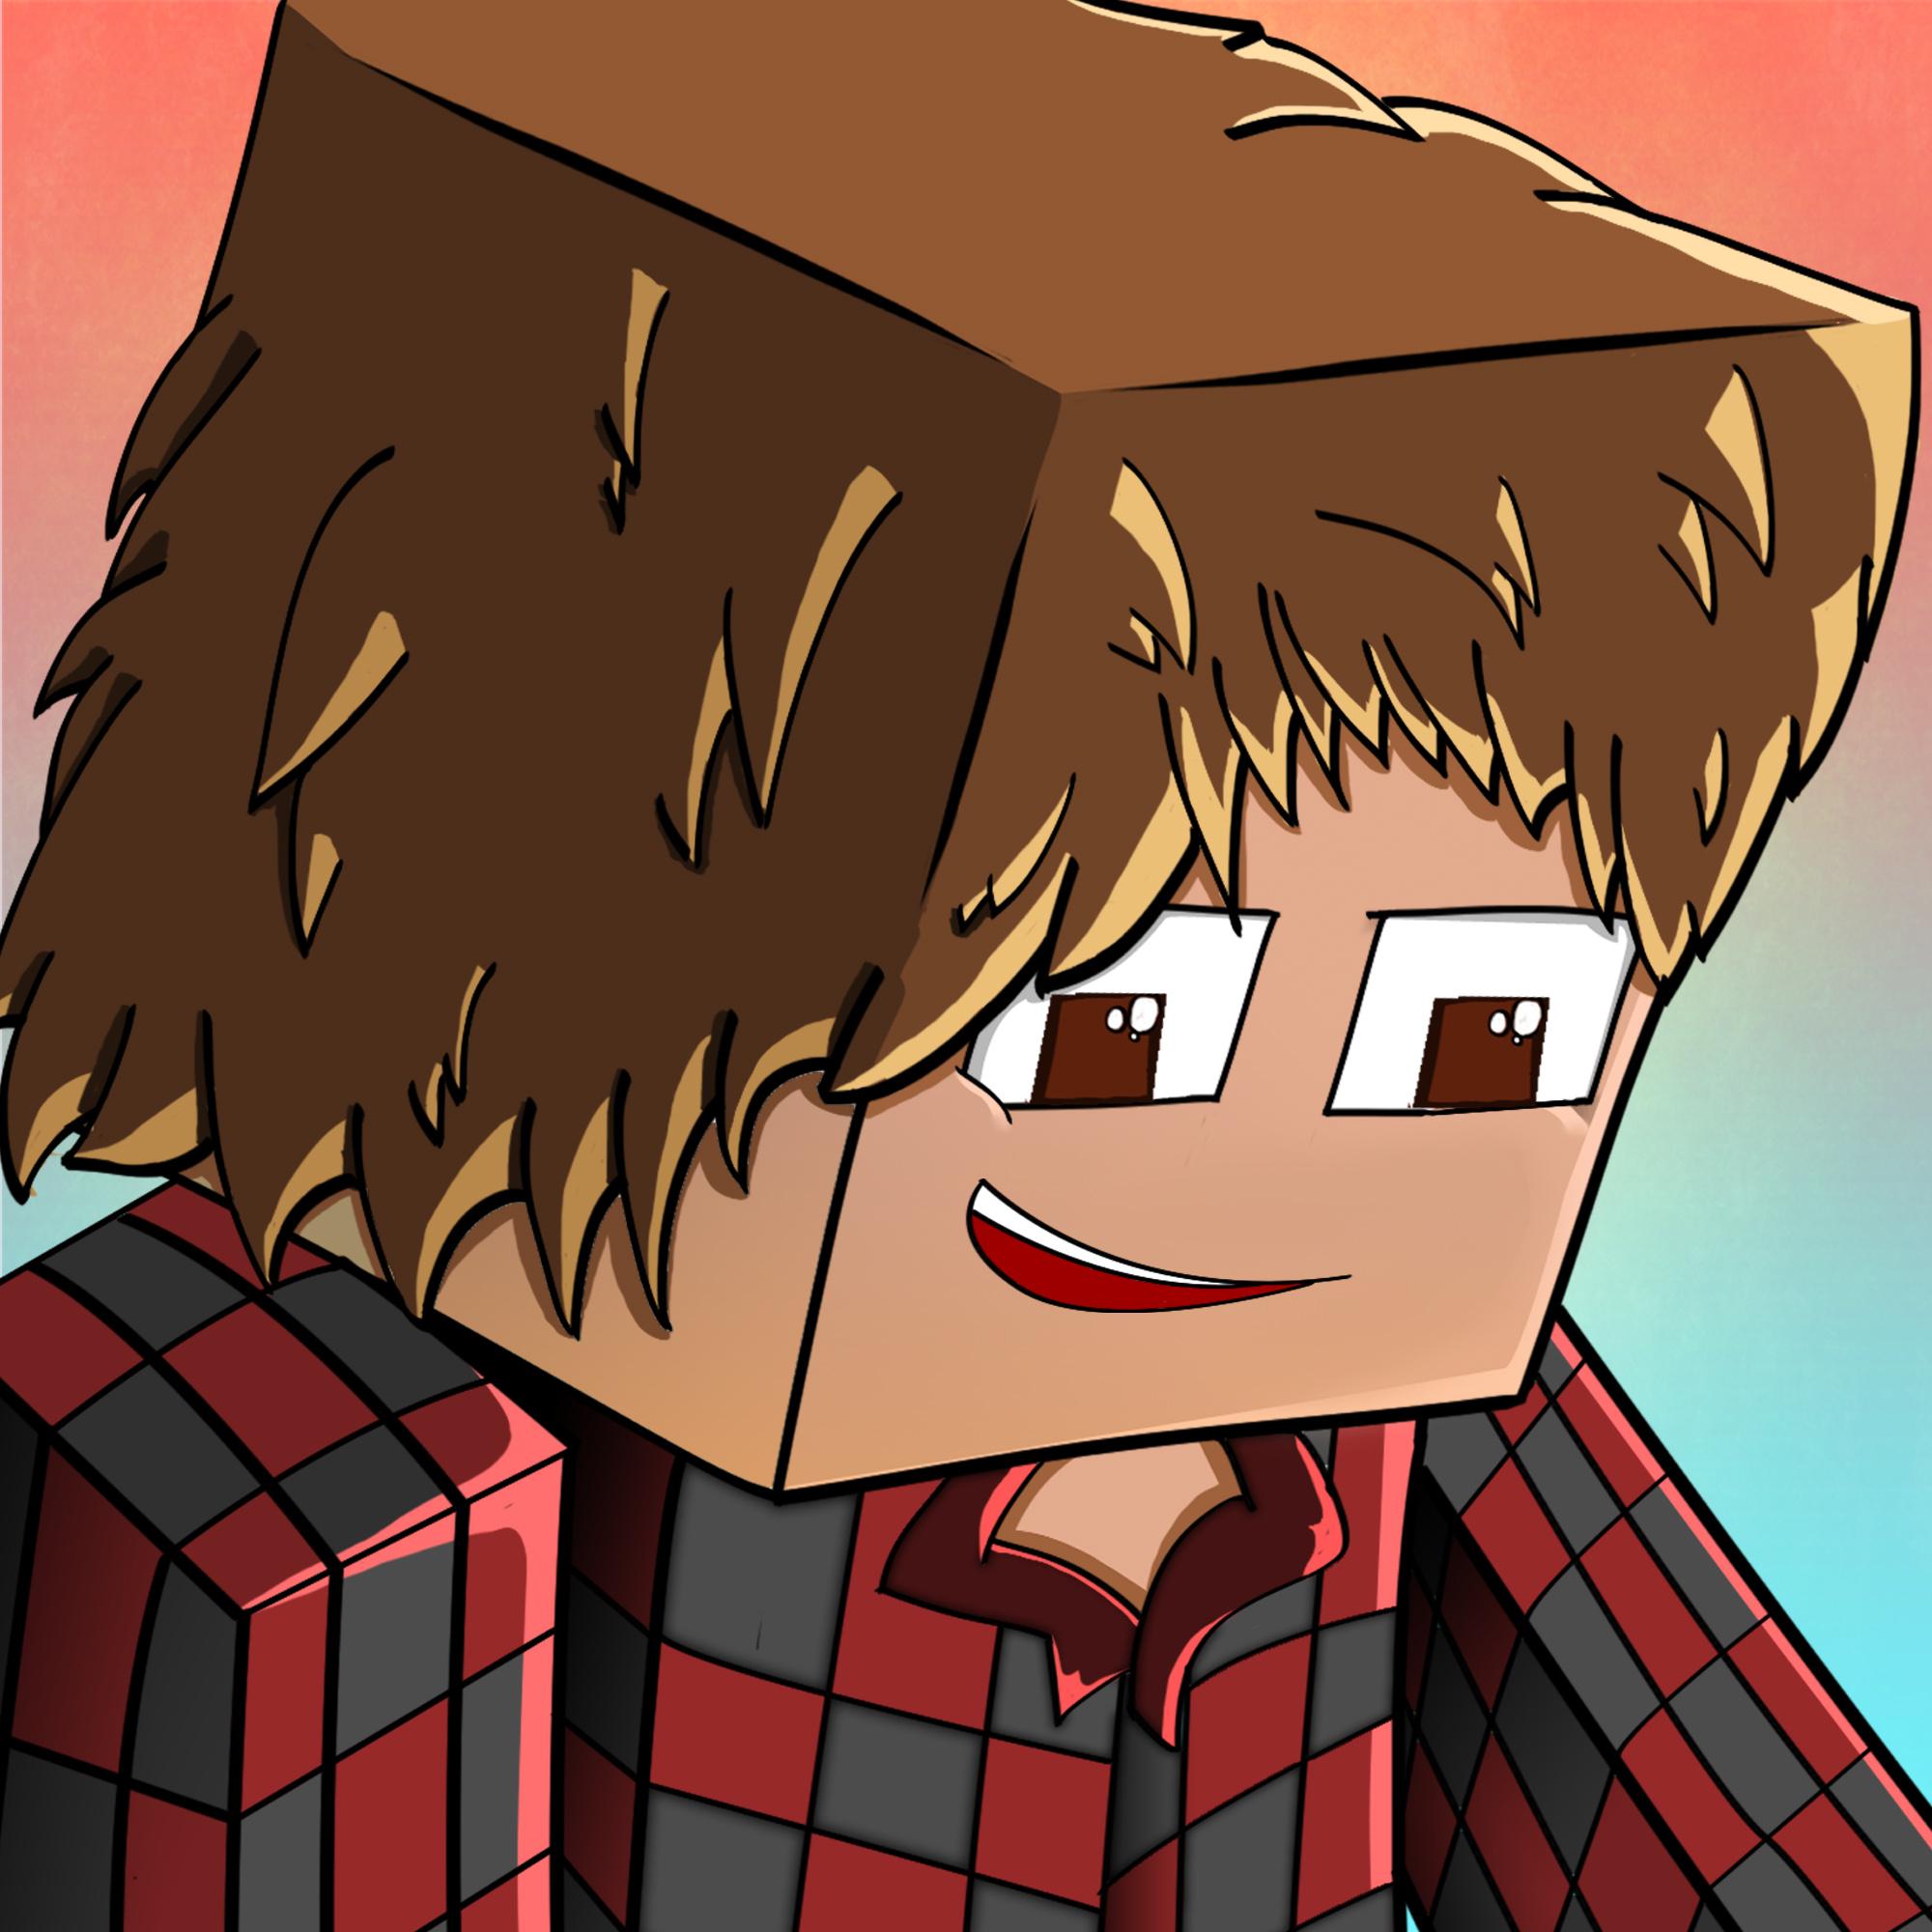 картинки майнкрафт на аватарку #5